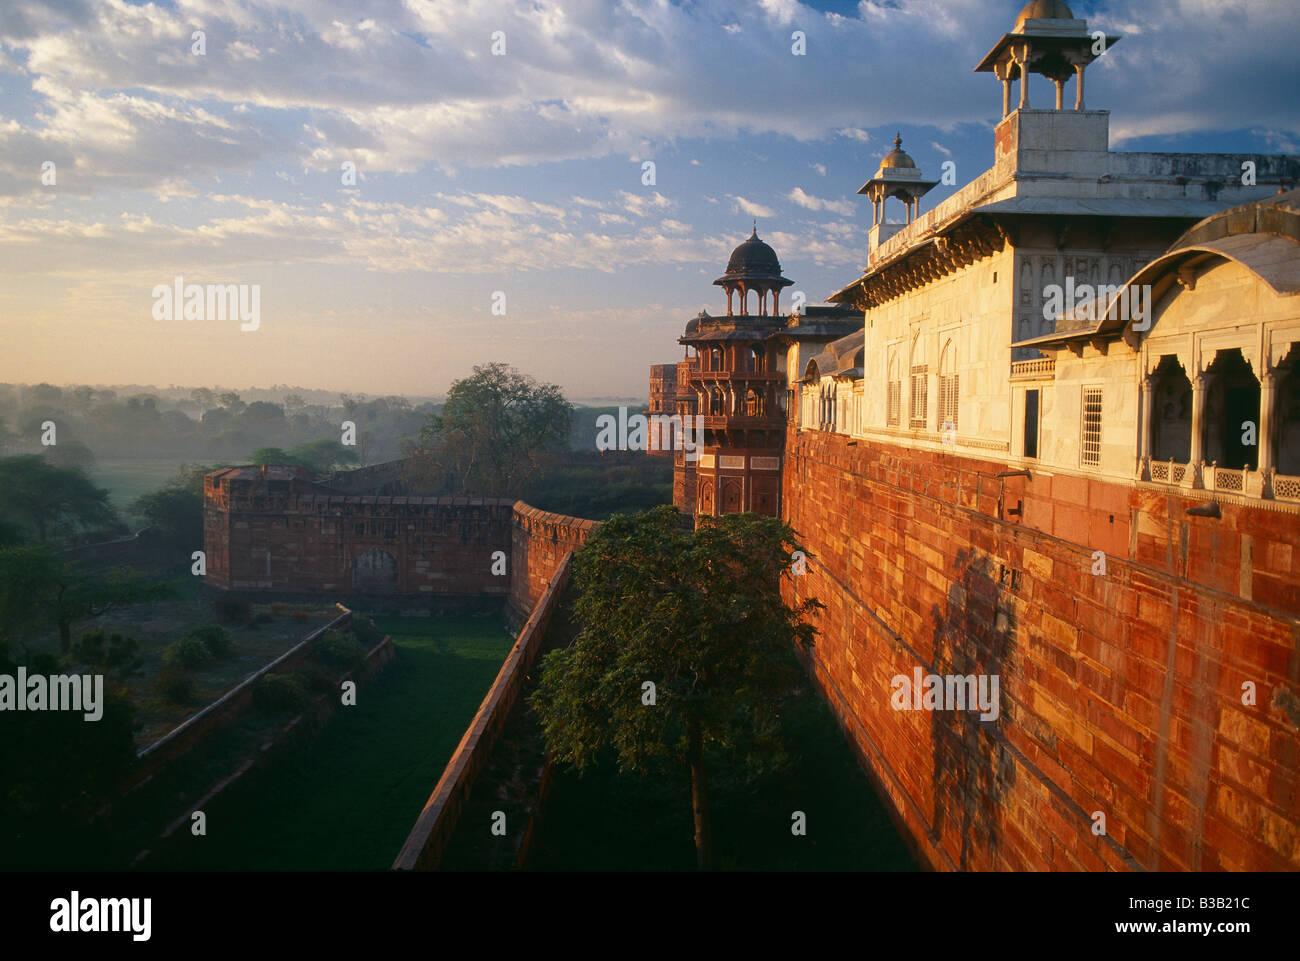 El Fuerte de Agra al amanecer, Agra, India Imagen De Stock